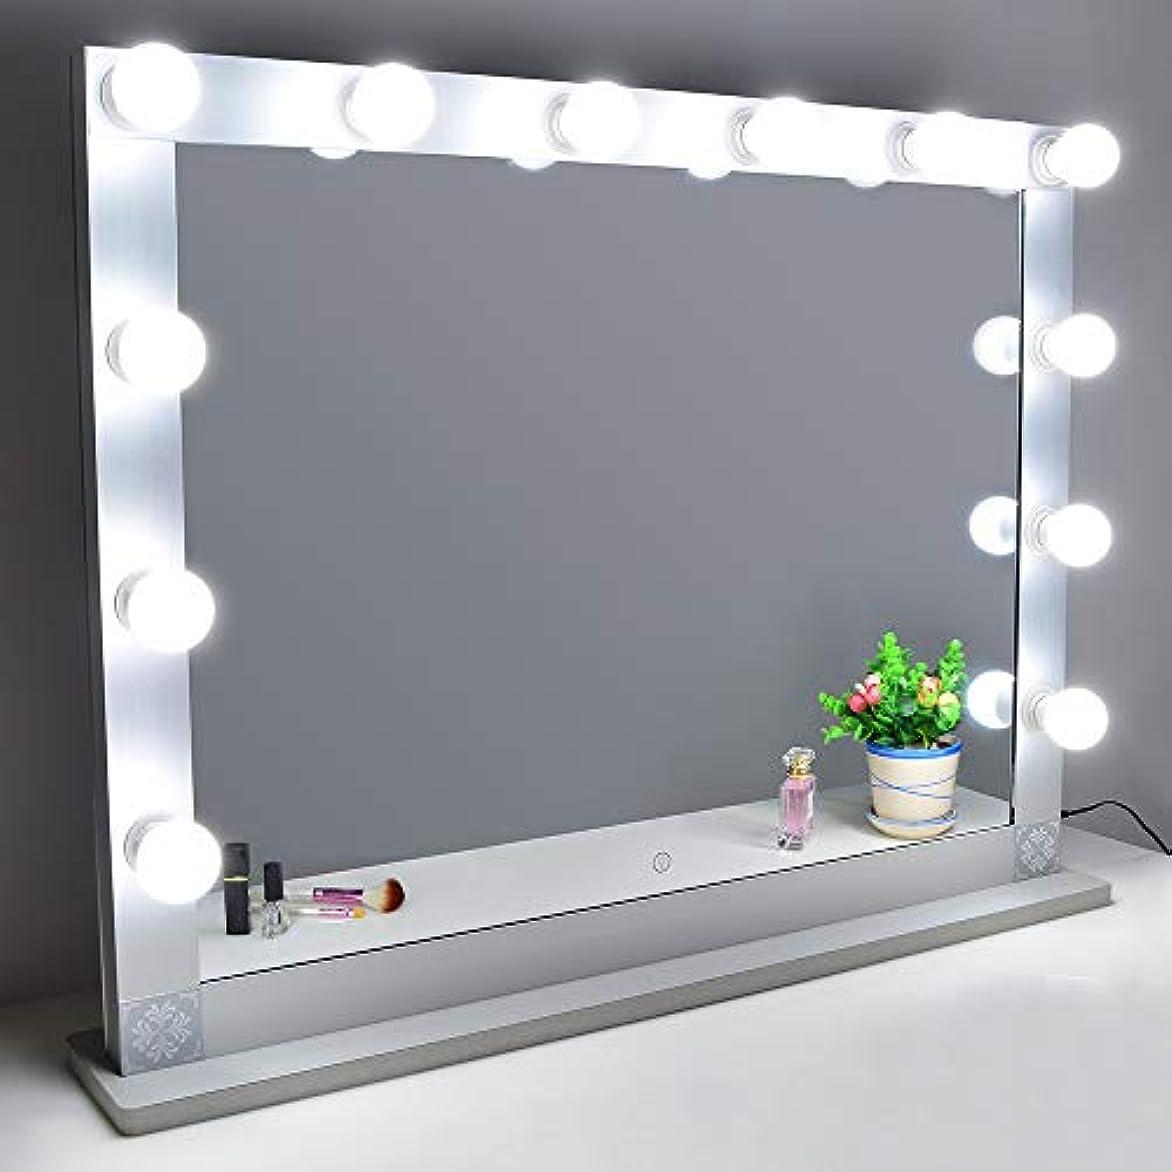 狂人サミュエルウェイドNitin 女優ミラー 大型化粧鏡 ハリウッドミラー 12個LED電球付き 無段階調光 スタンド付き USB差込口付き 卓上ミラー 女優ライト ドレッサー/化粧台に適用(85*66.5cm)